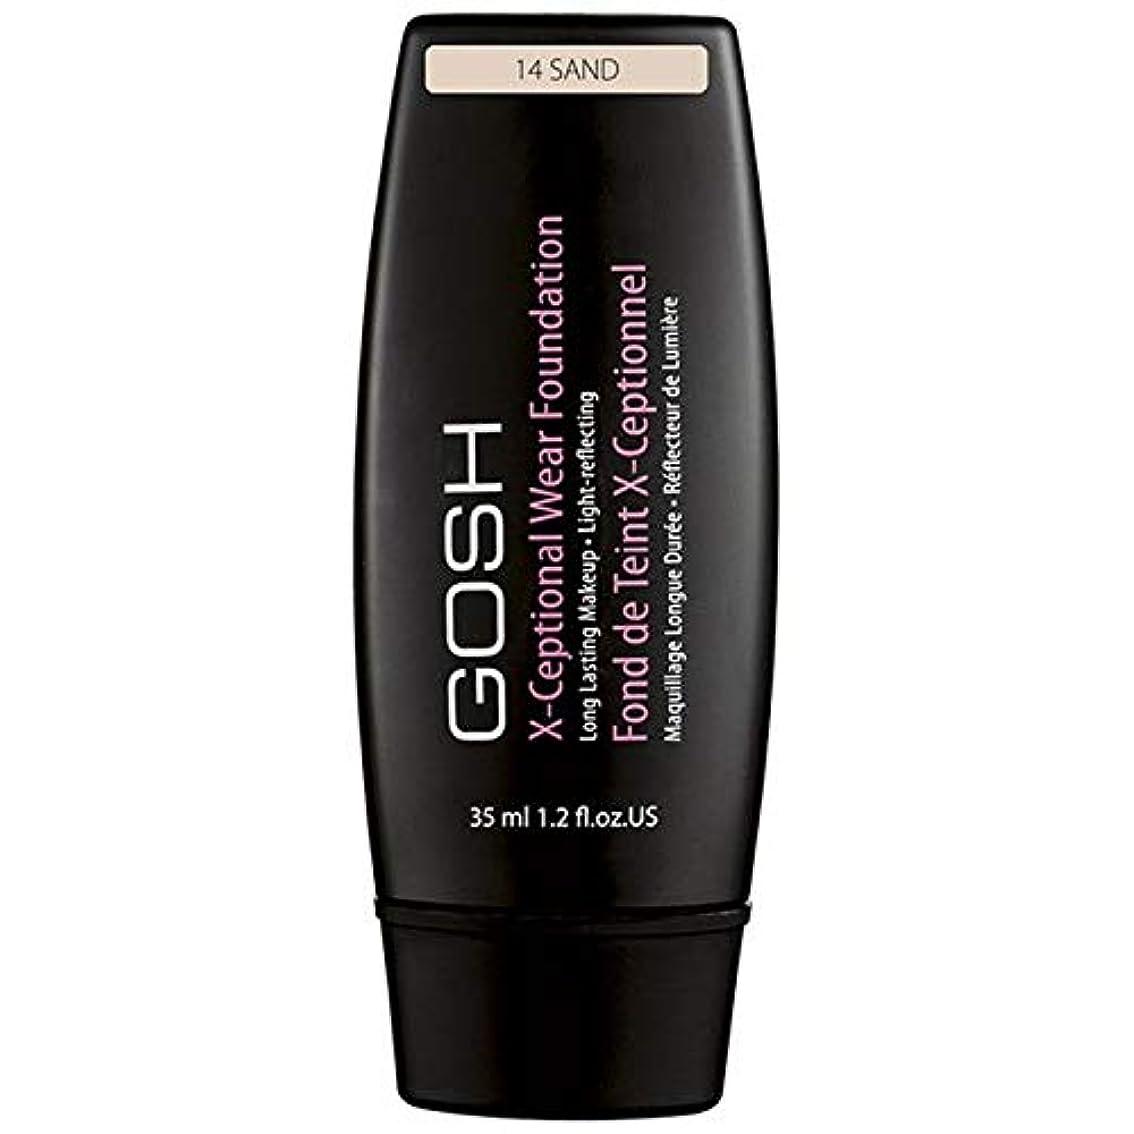 トラックナット推進力[GOSH ] おやっX-Ceptional砂14を構成して着用 - Gosh X-Ceptional Wear Make Up Sand 14 [並行輸入品]